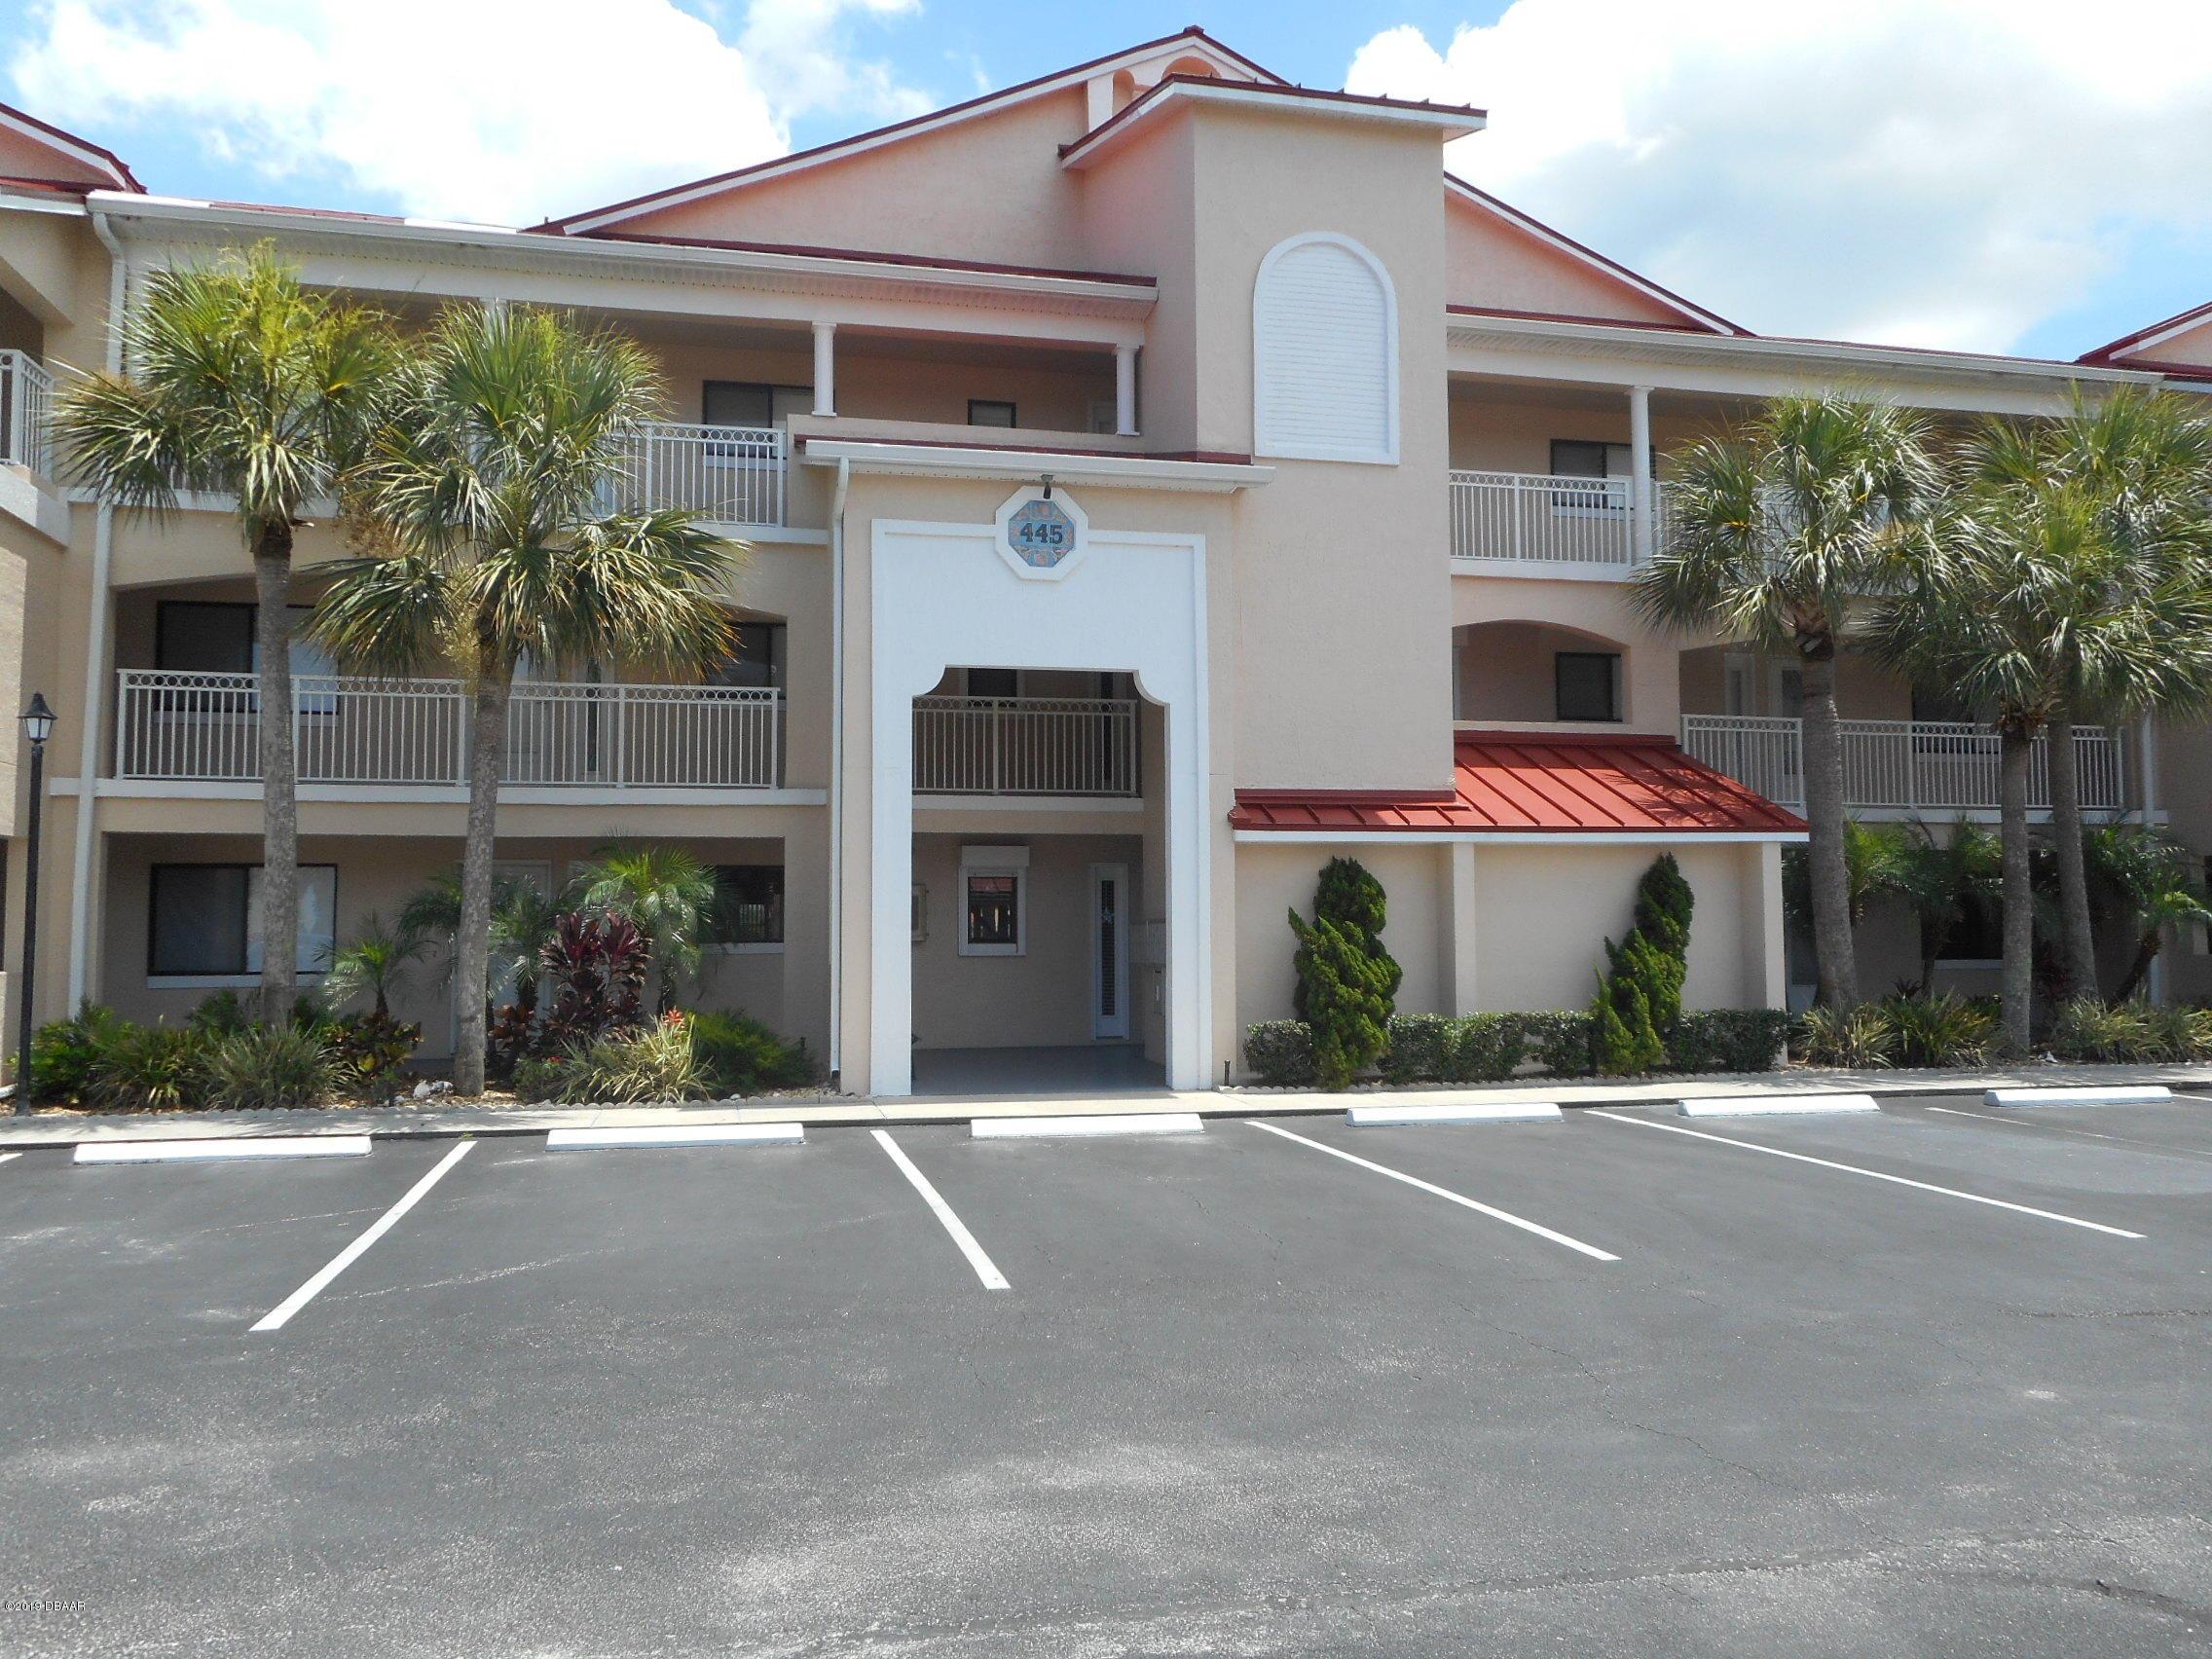 Photo of 445 Bouchelle Drive #305, New Smyrna Beach, FL 32169